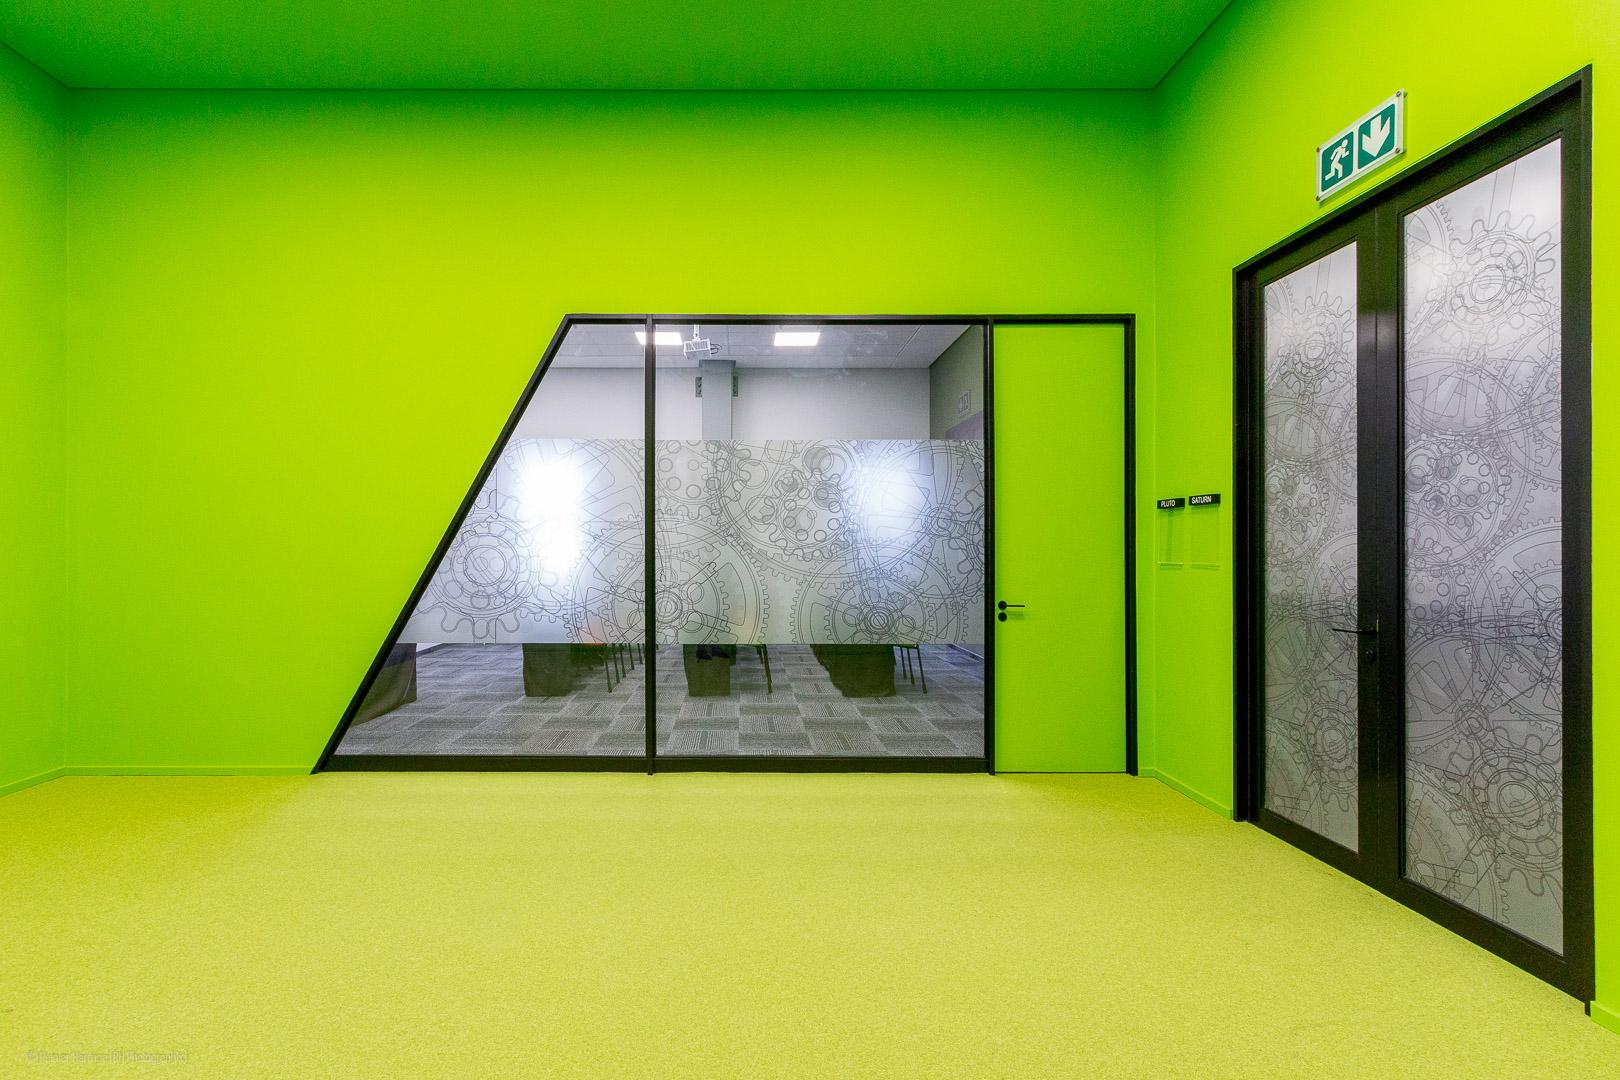 RHPX_Portfolio_Focus Rooms Interior-3